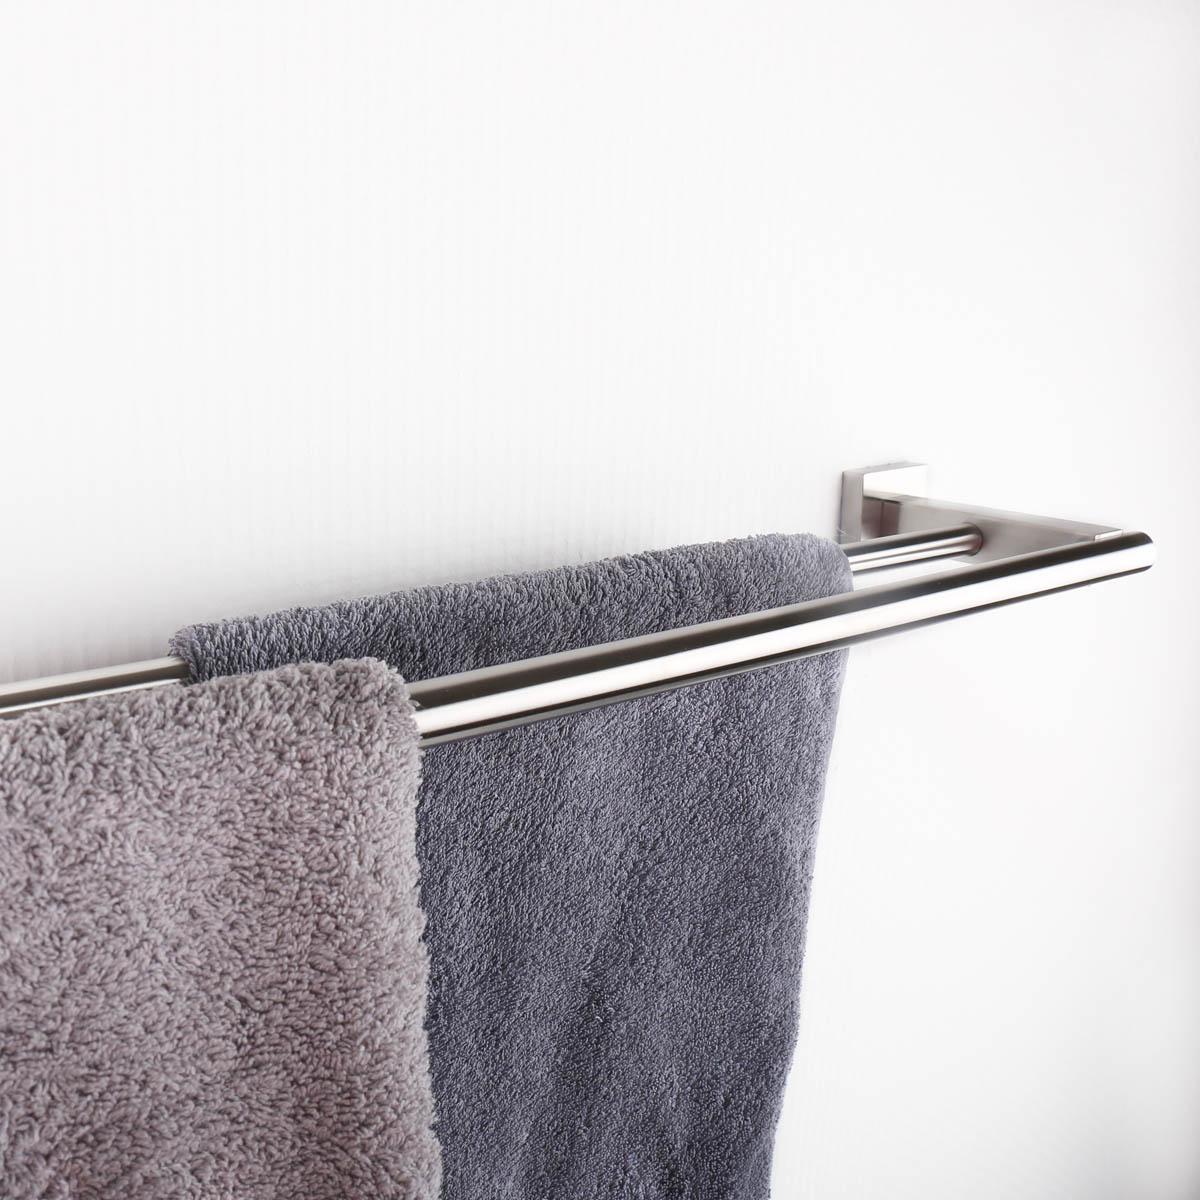 Bekannt Handtuchhalter Handtuchablage aus Edelstahl - matt gebürstet XE07